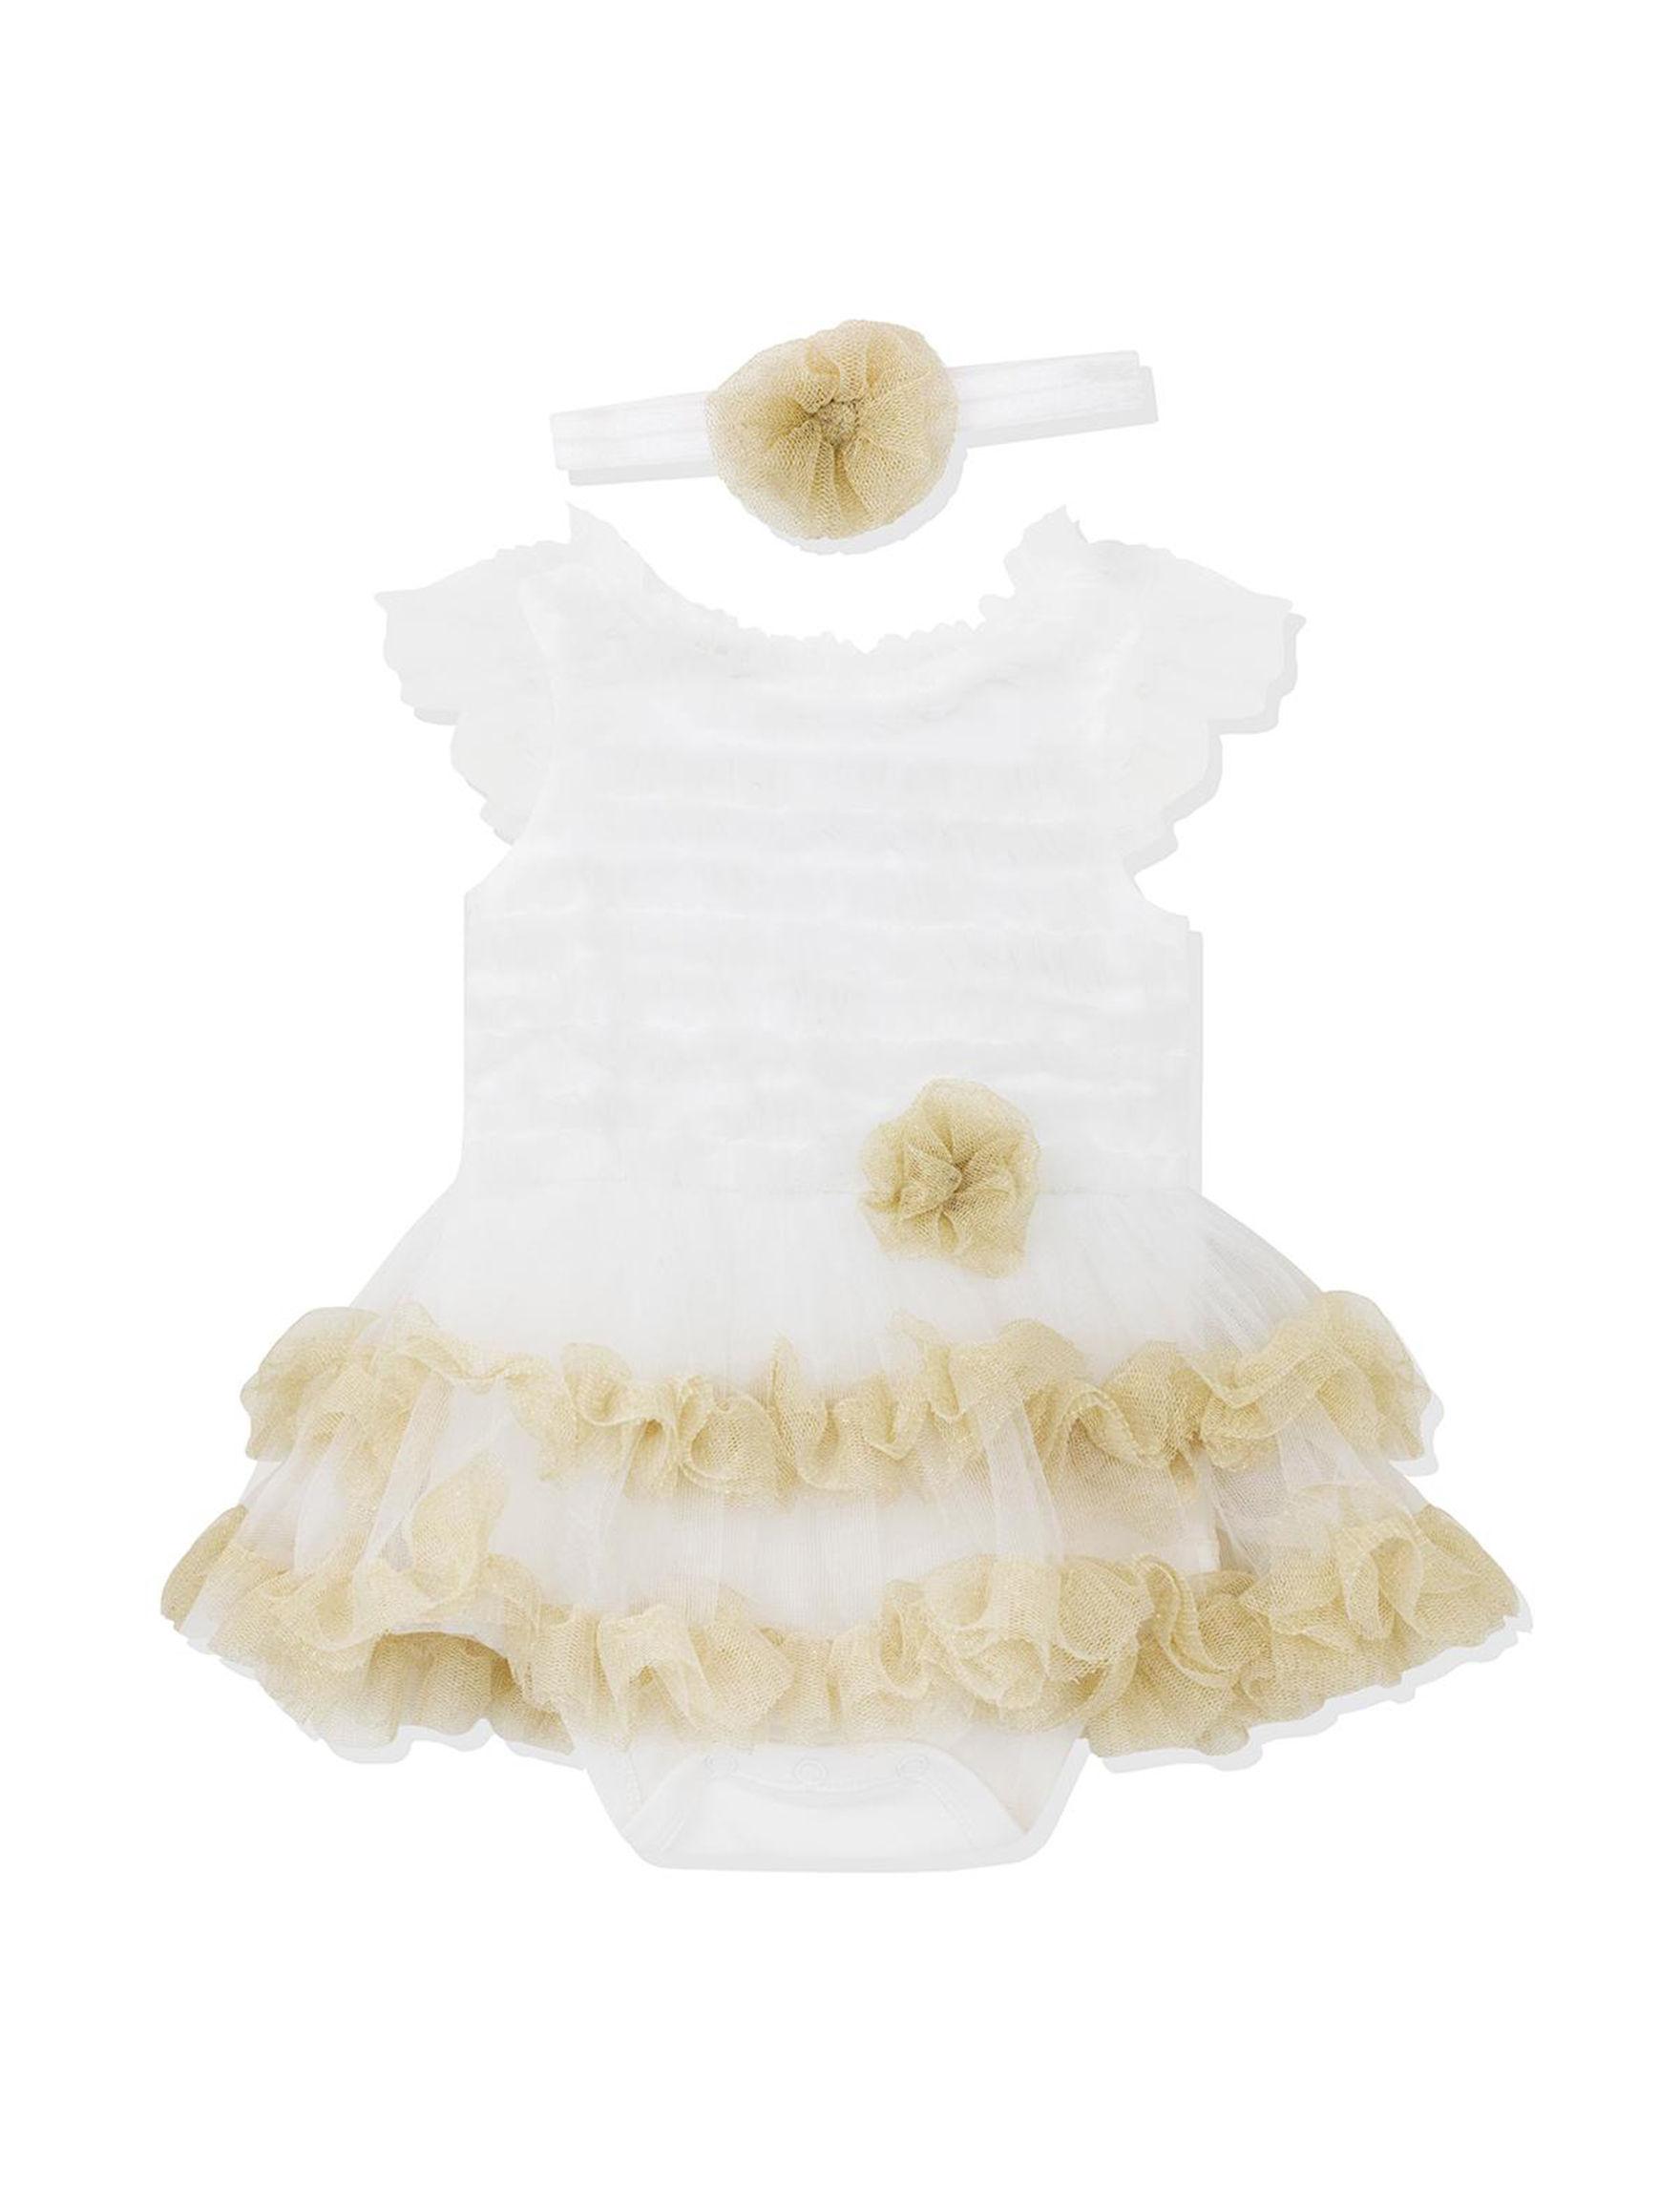 Baby Essentials Ivory